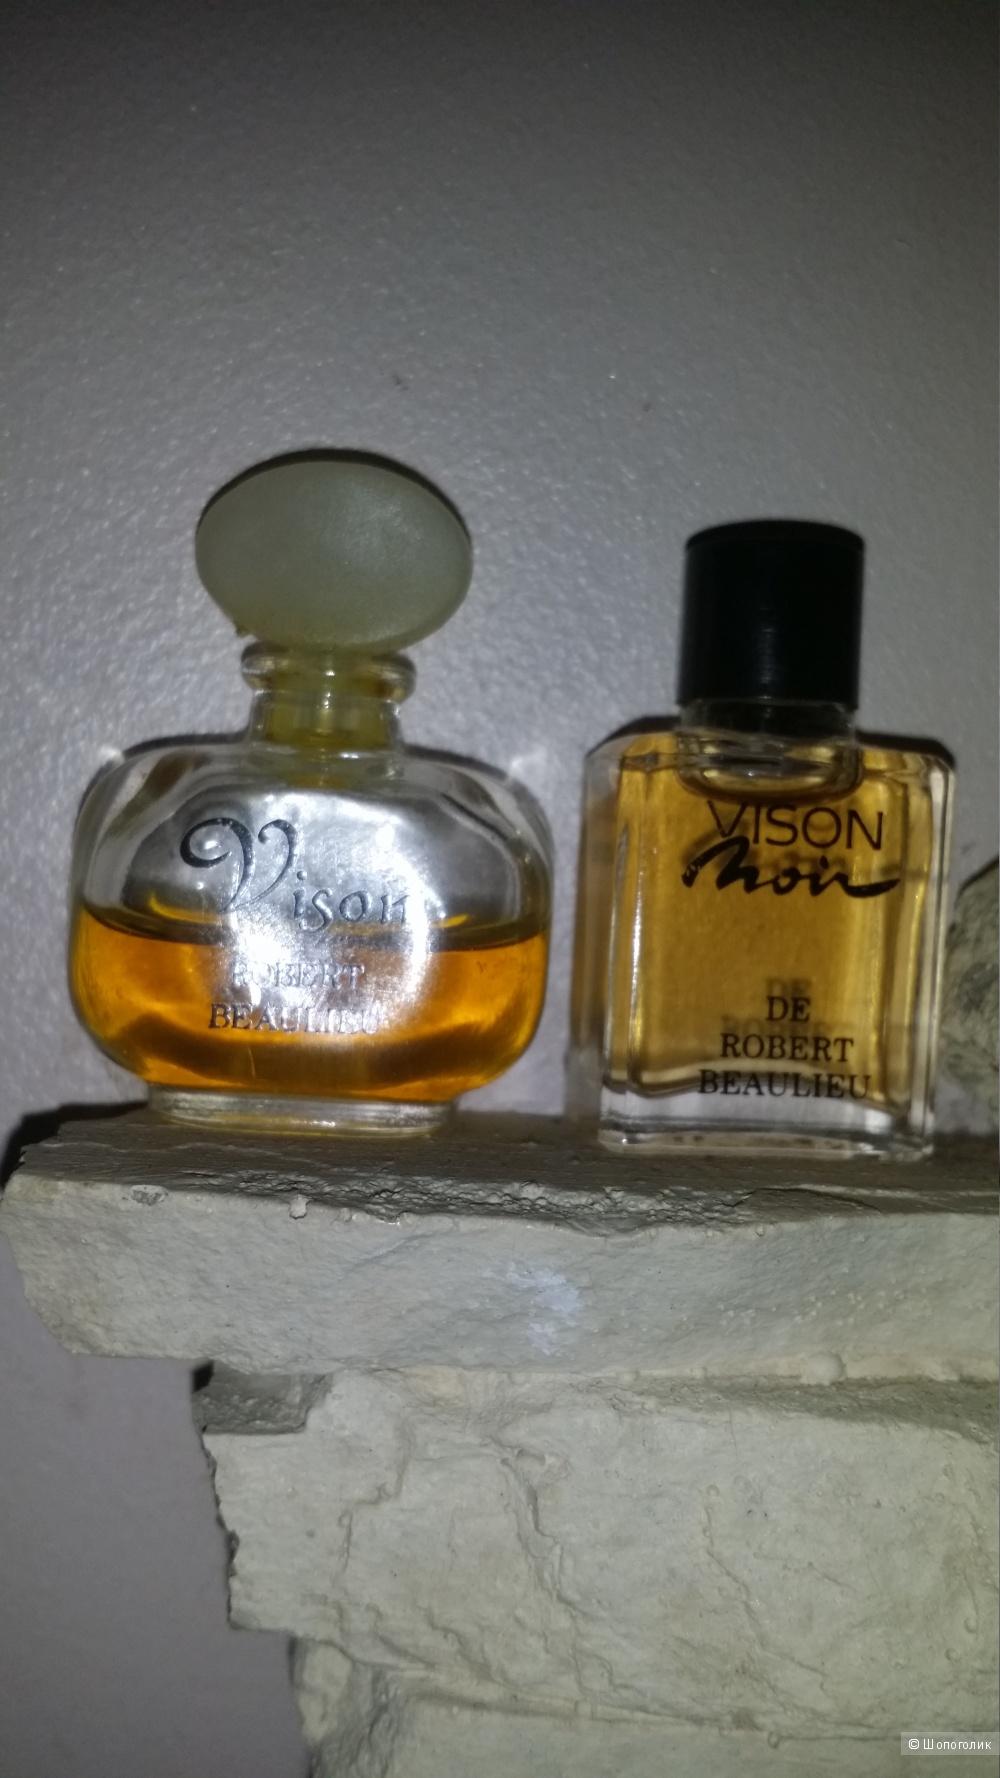 Духи, сет из 2  ароматов Robert Beaulieu, флаконы по 2 мл.